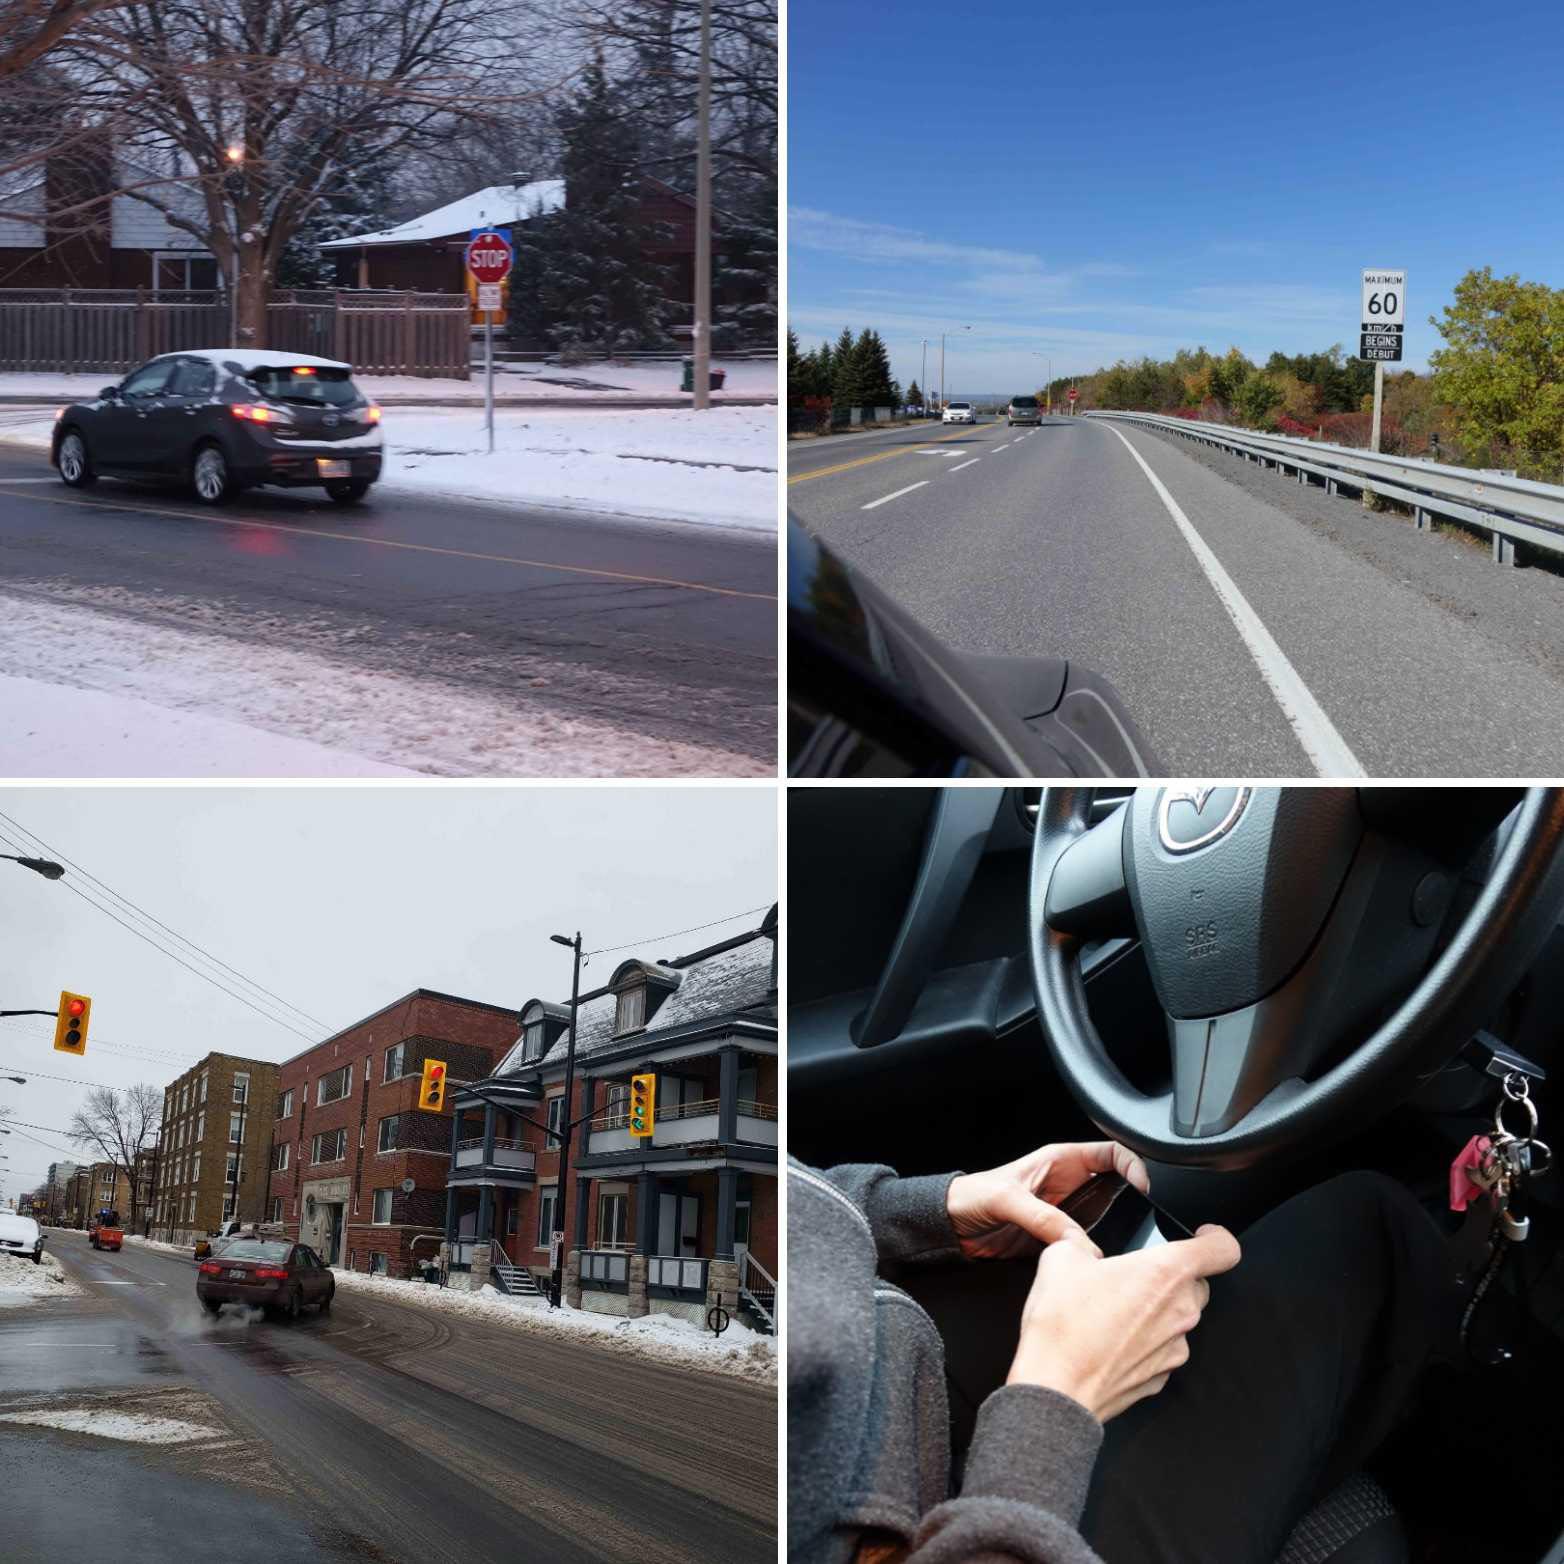 Les 4 principales infractions routières en 2019